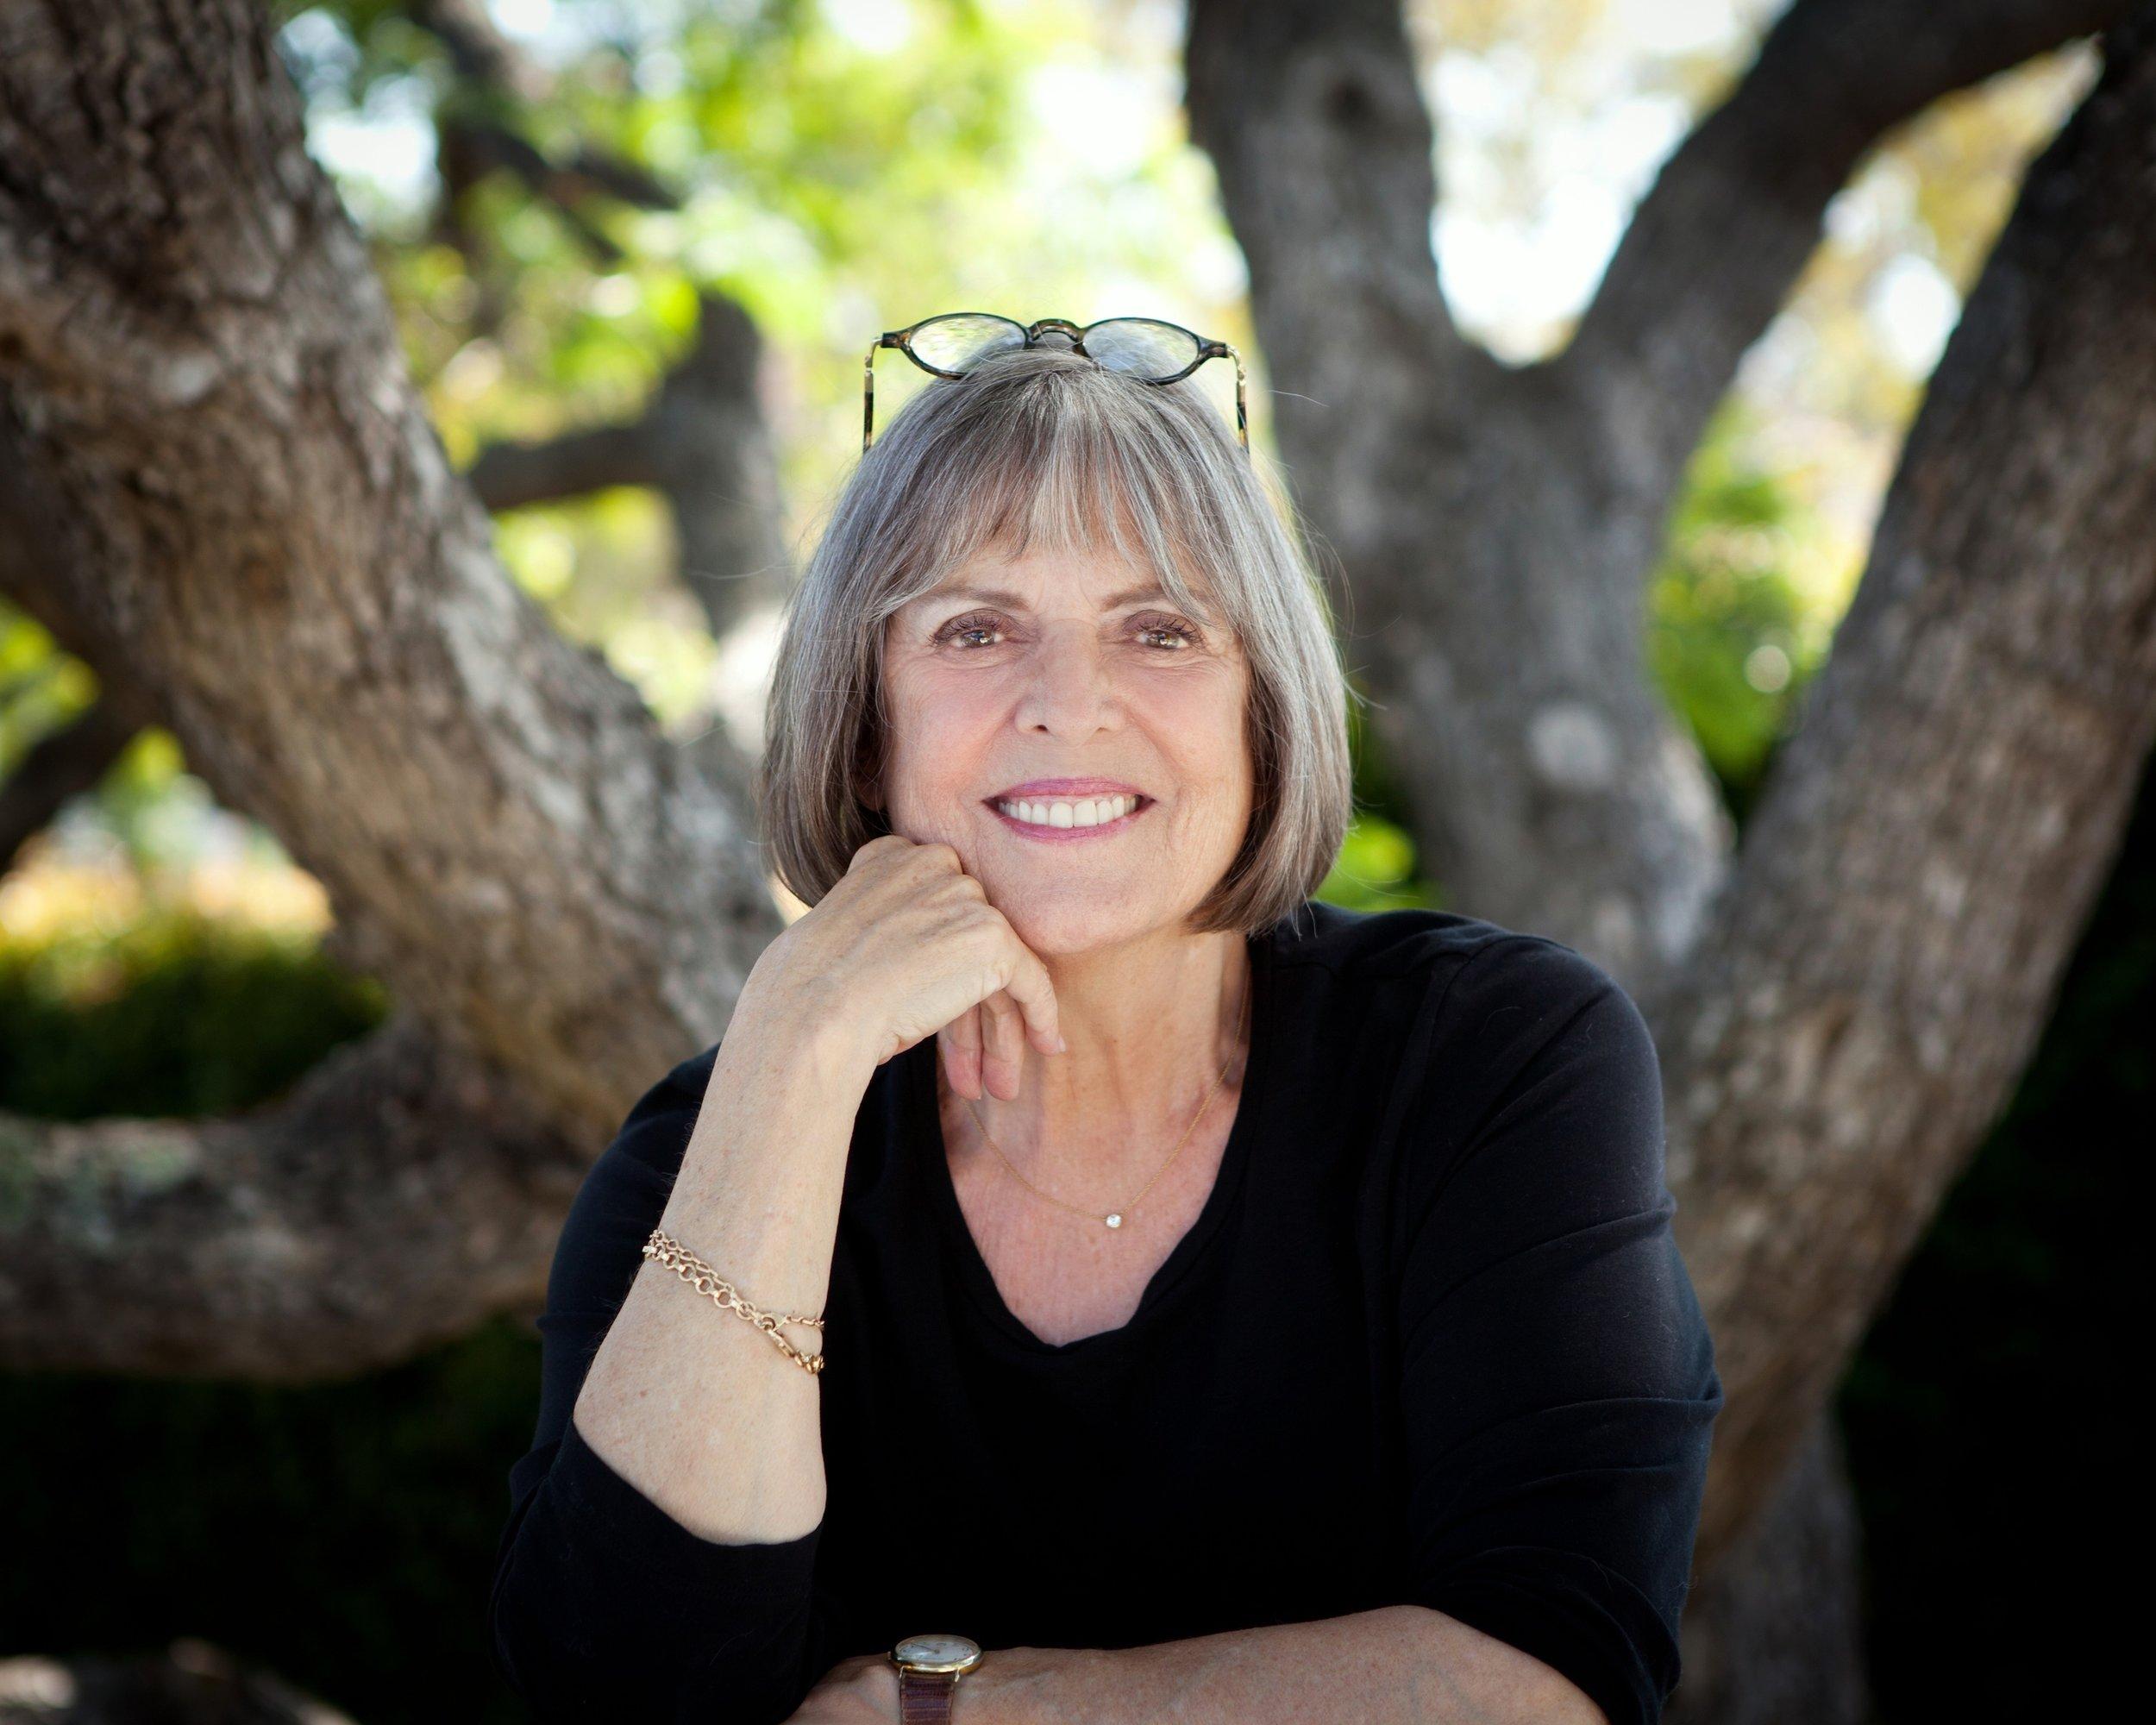 Laure-Anne Bosselaar - Poeta laureado 2019-2021